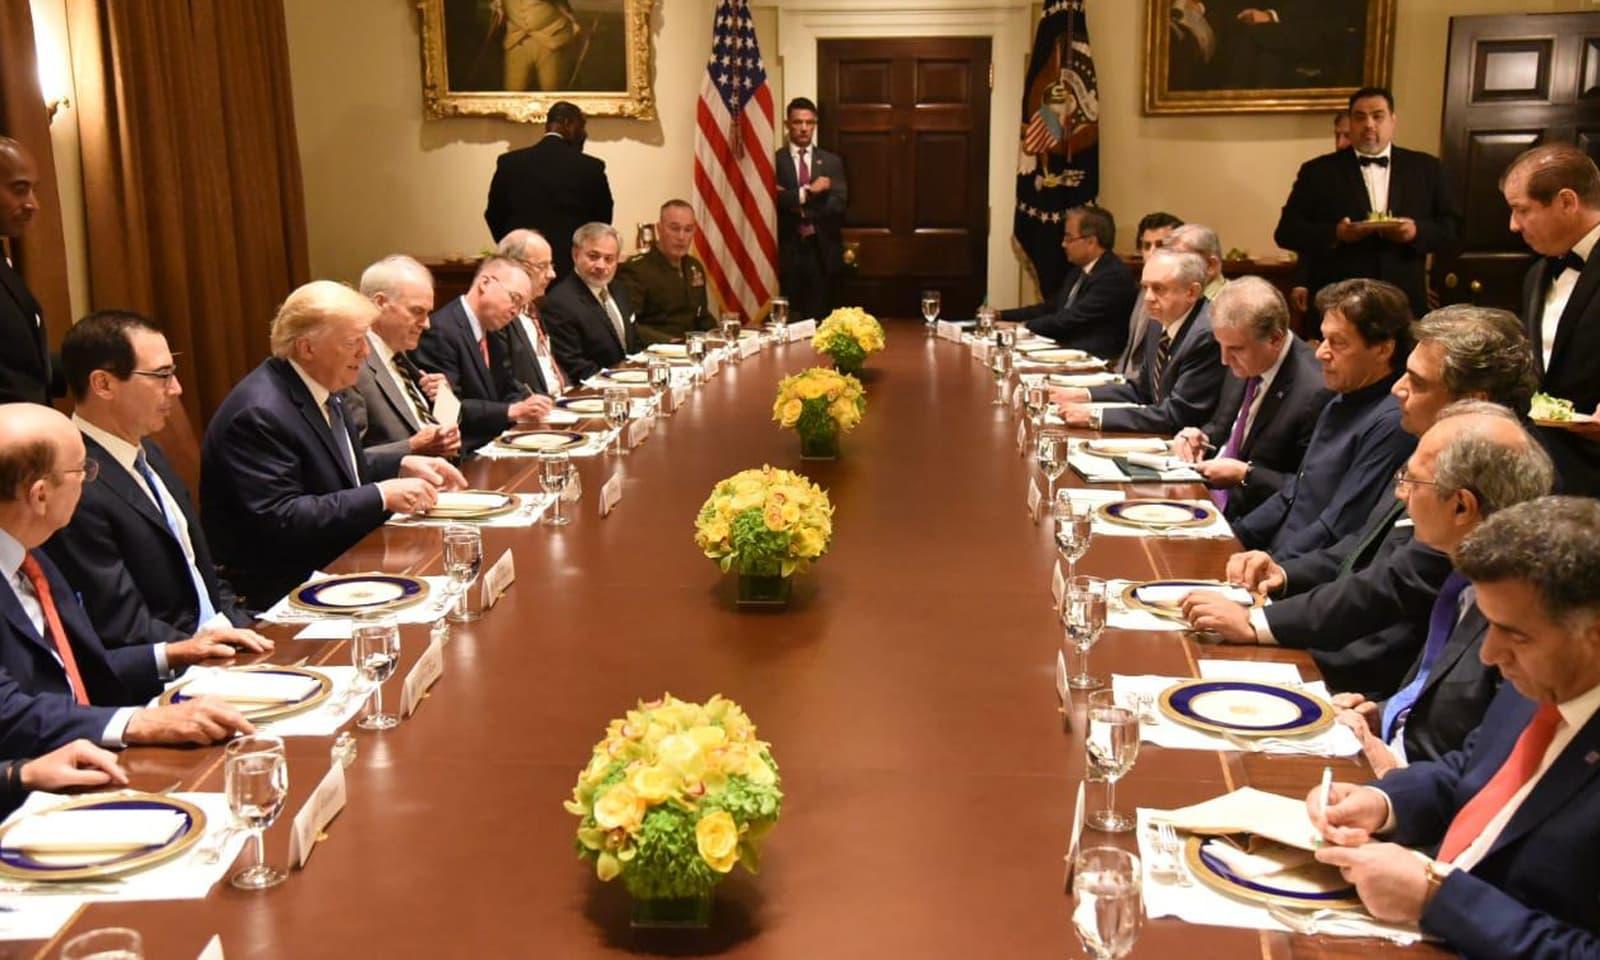 ملاقات میں پاکستان امریکا کے دو طرفہ تعلقات، باہمی دلچسی کے امور پر گفتگو ہوئی —فوٹو: بشکریہ ٹوئٹر